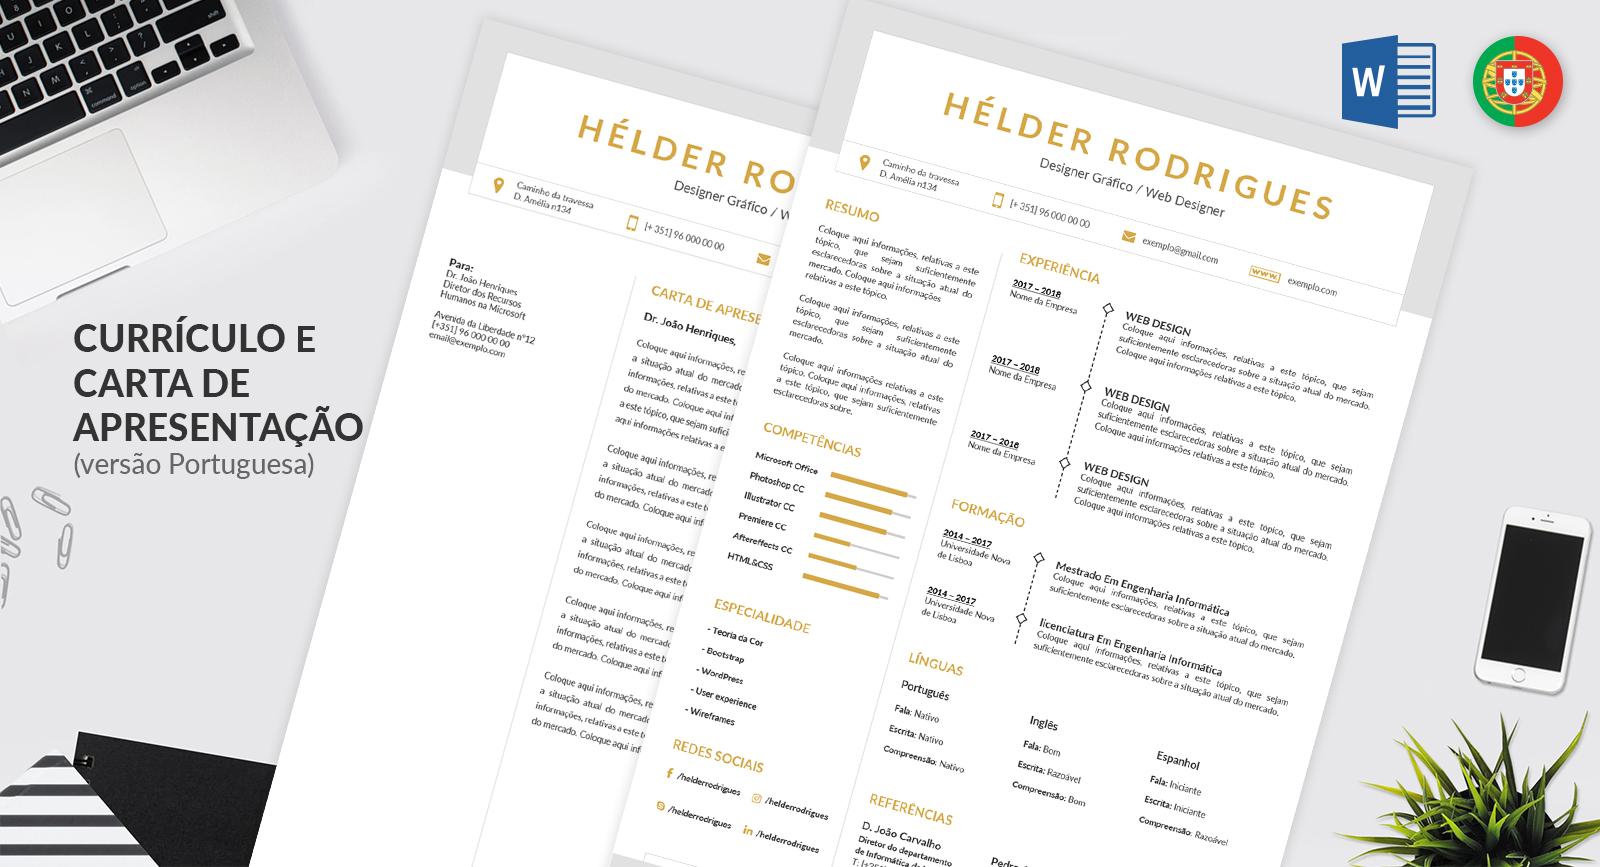 Modelo de carta de apresentação editável - NOCTULA store